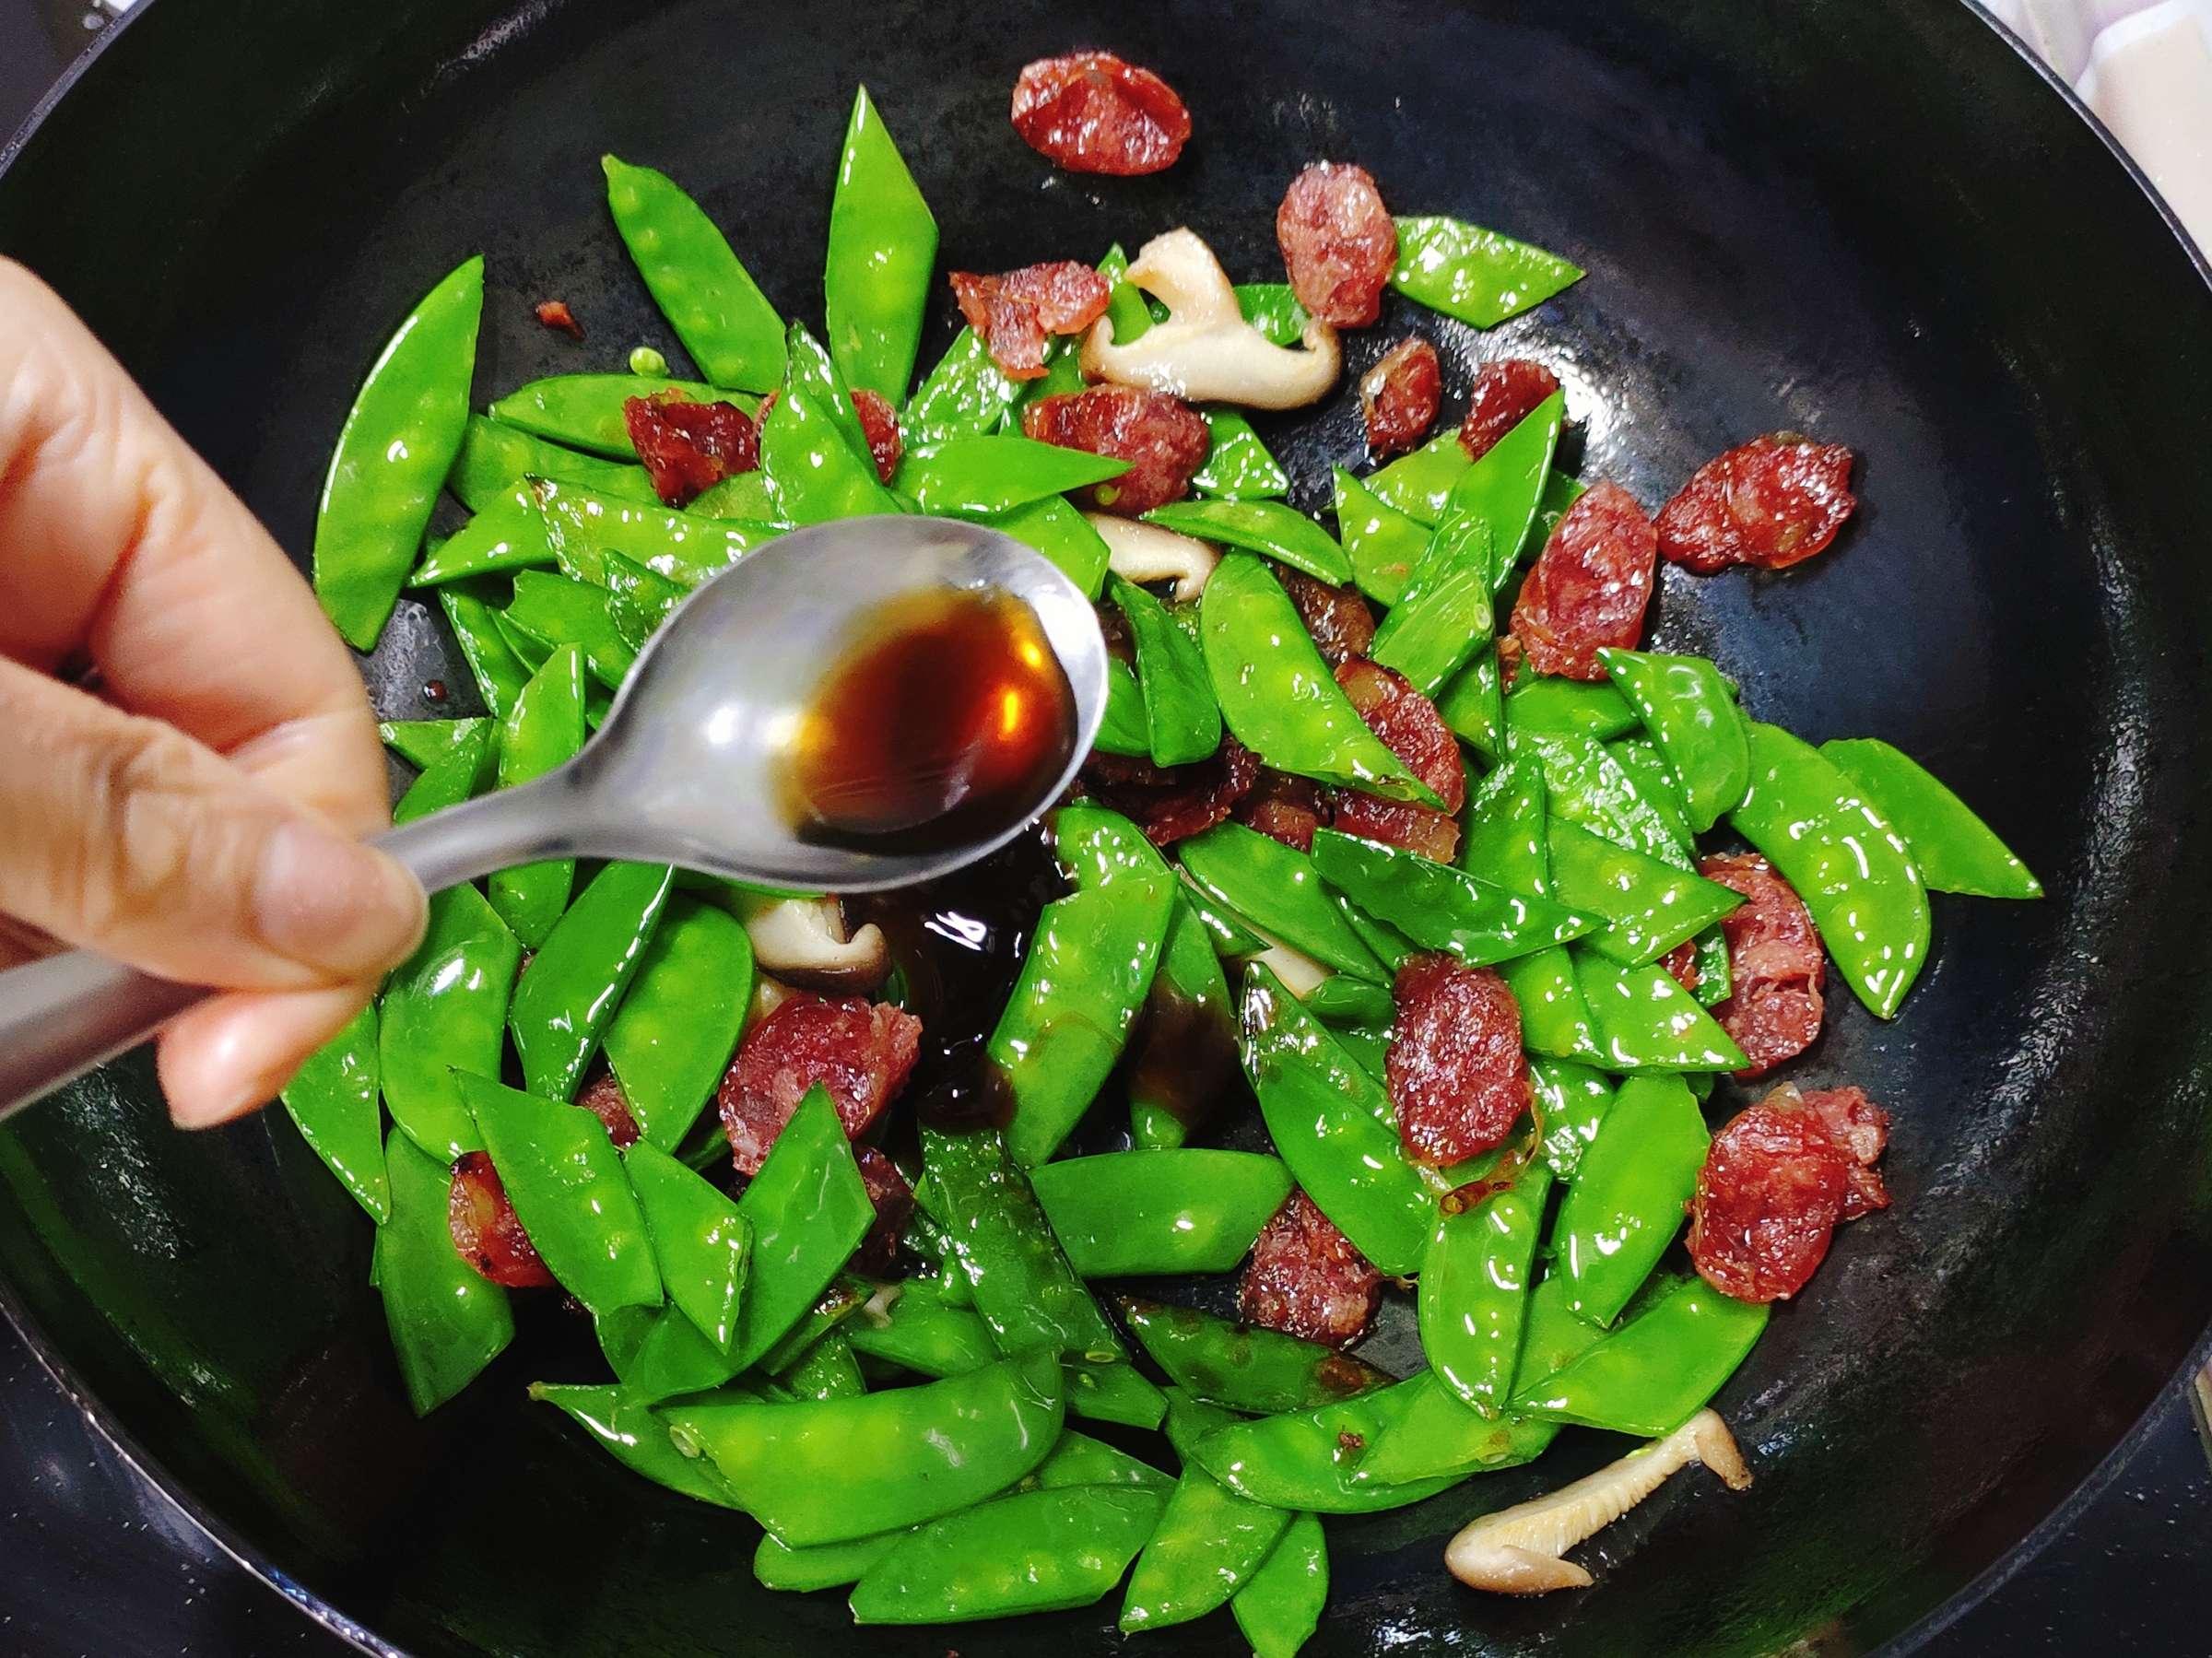 清淡不油腻的腊肠炒荷兰豆怎么煮